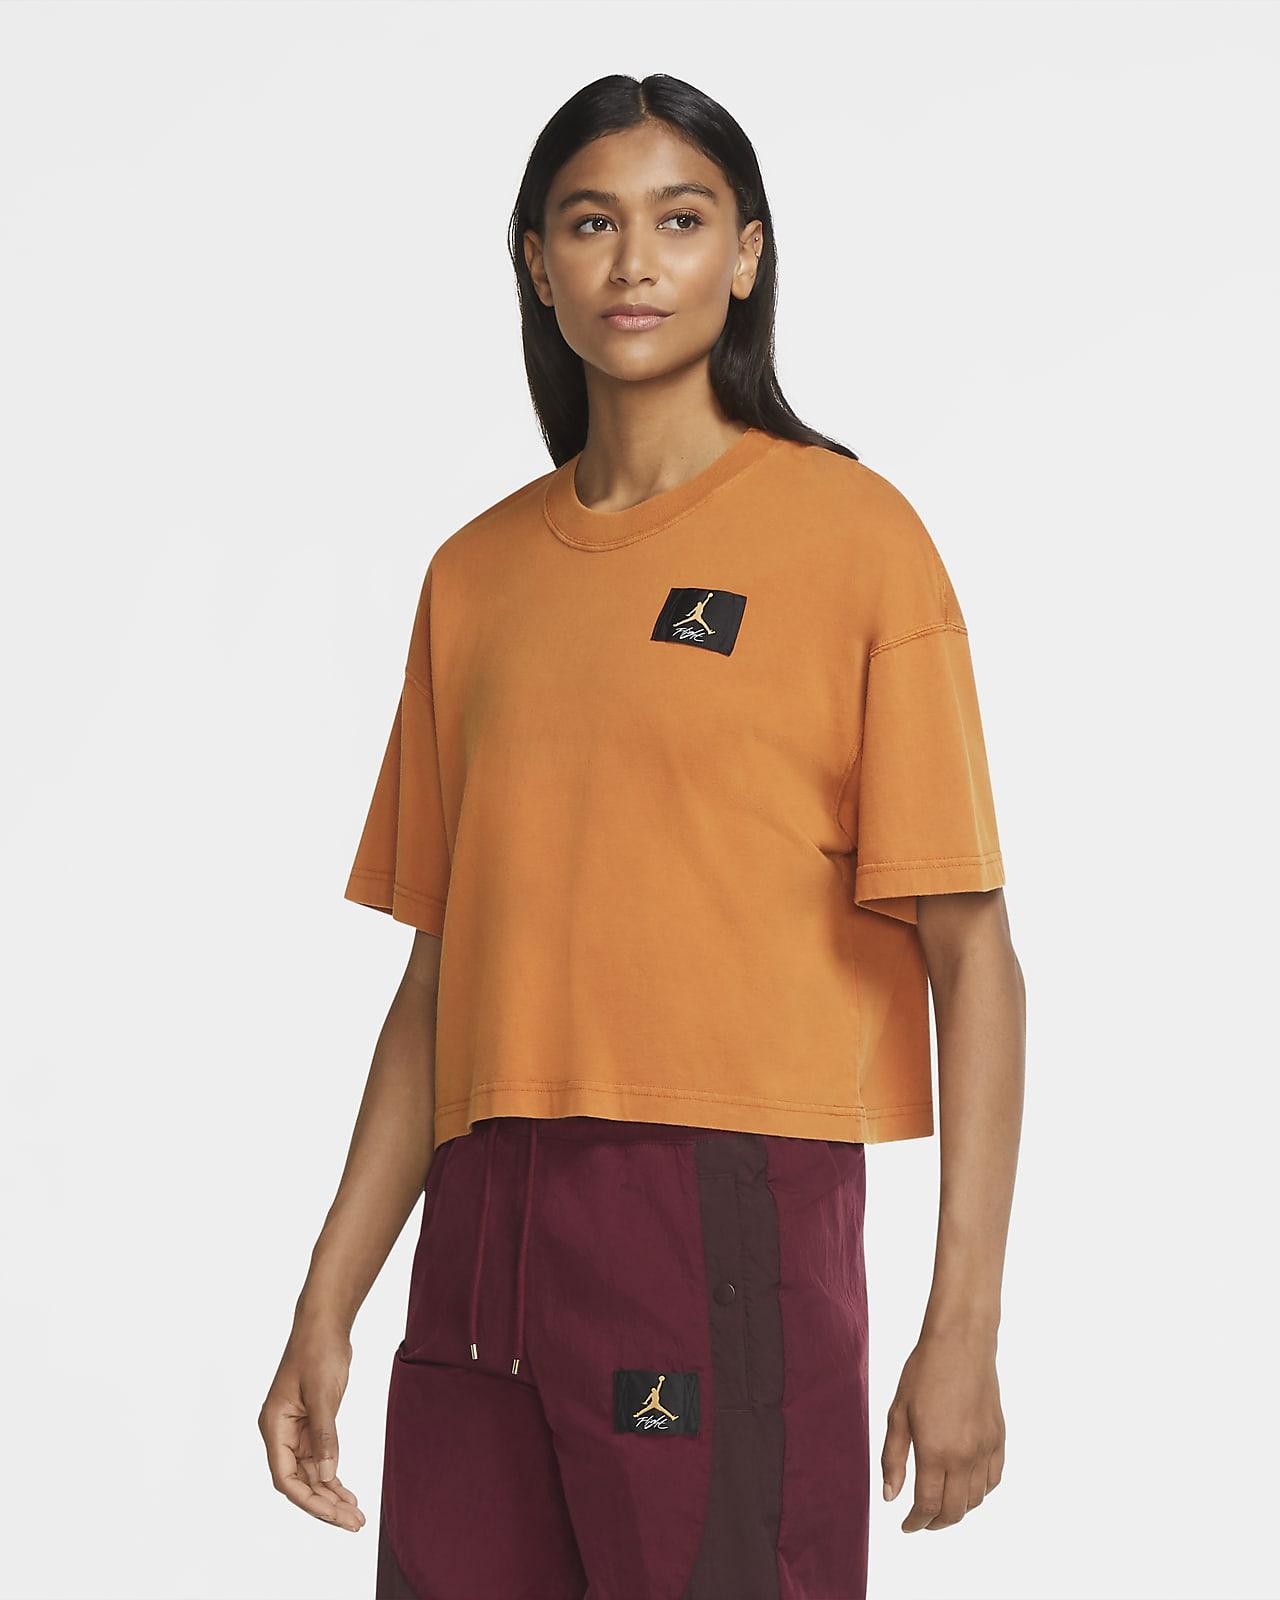 เสื้อยืดแขนสั้นทรงหลวมผู้หญิง Jordan Essentials